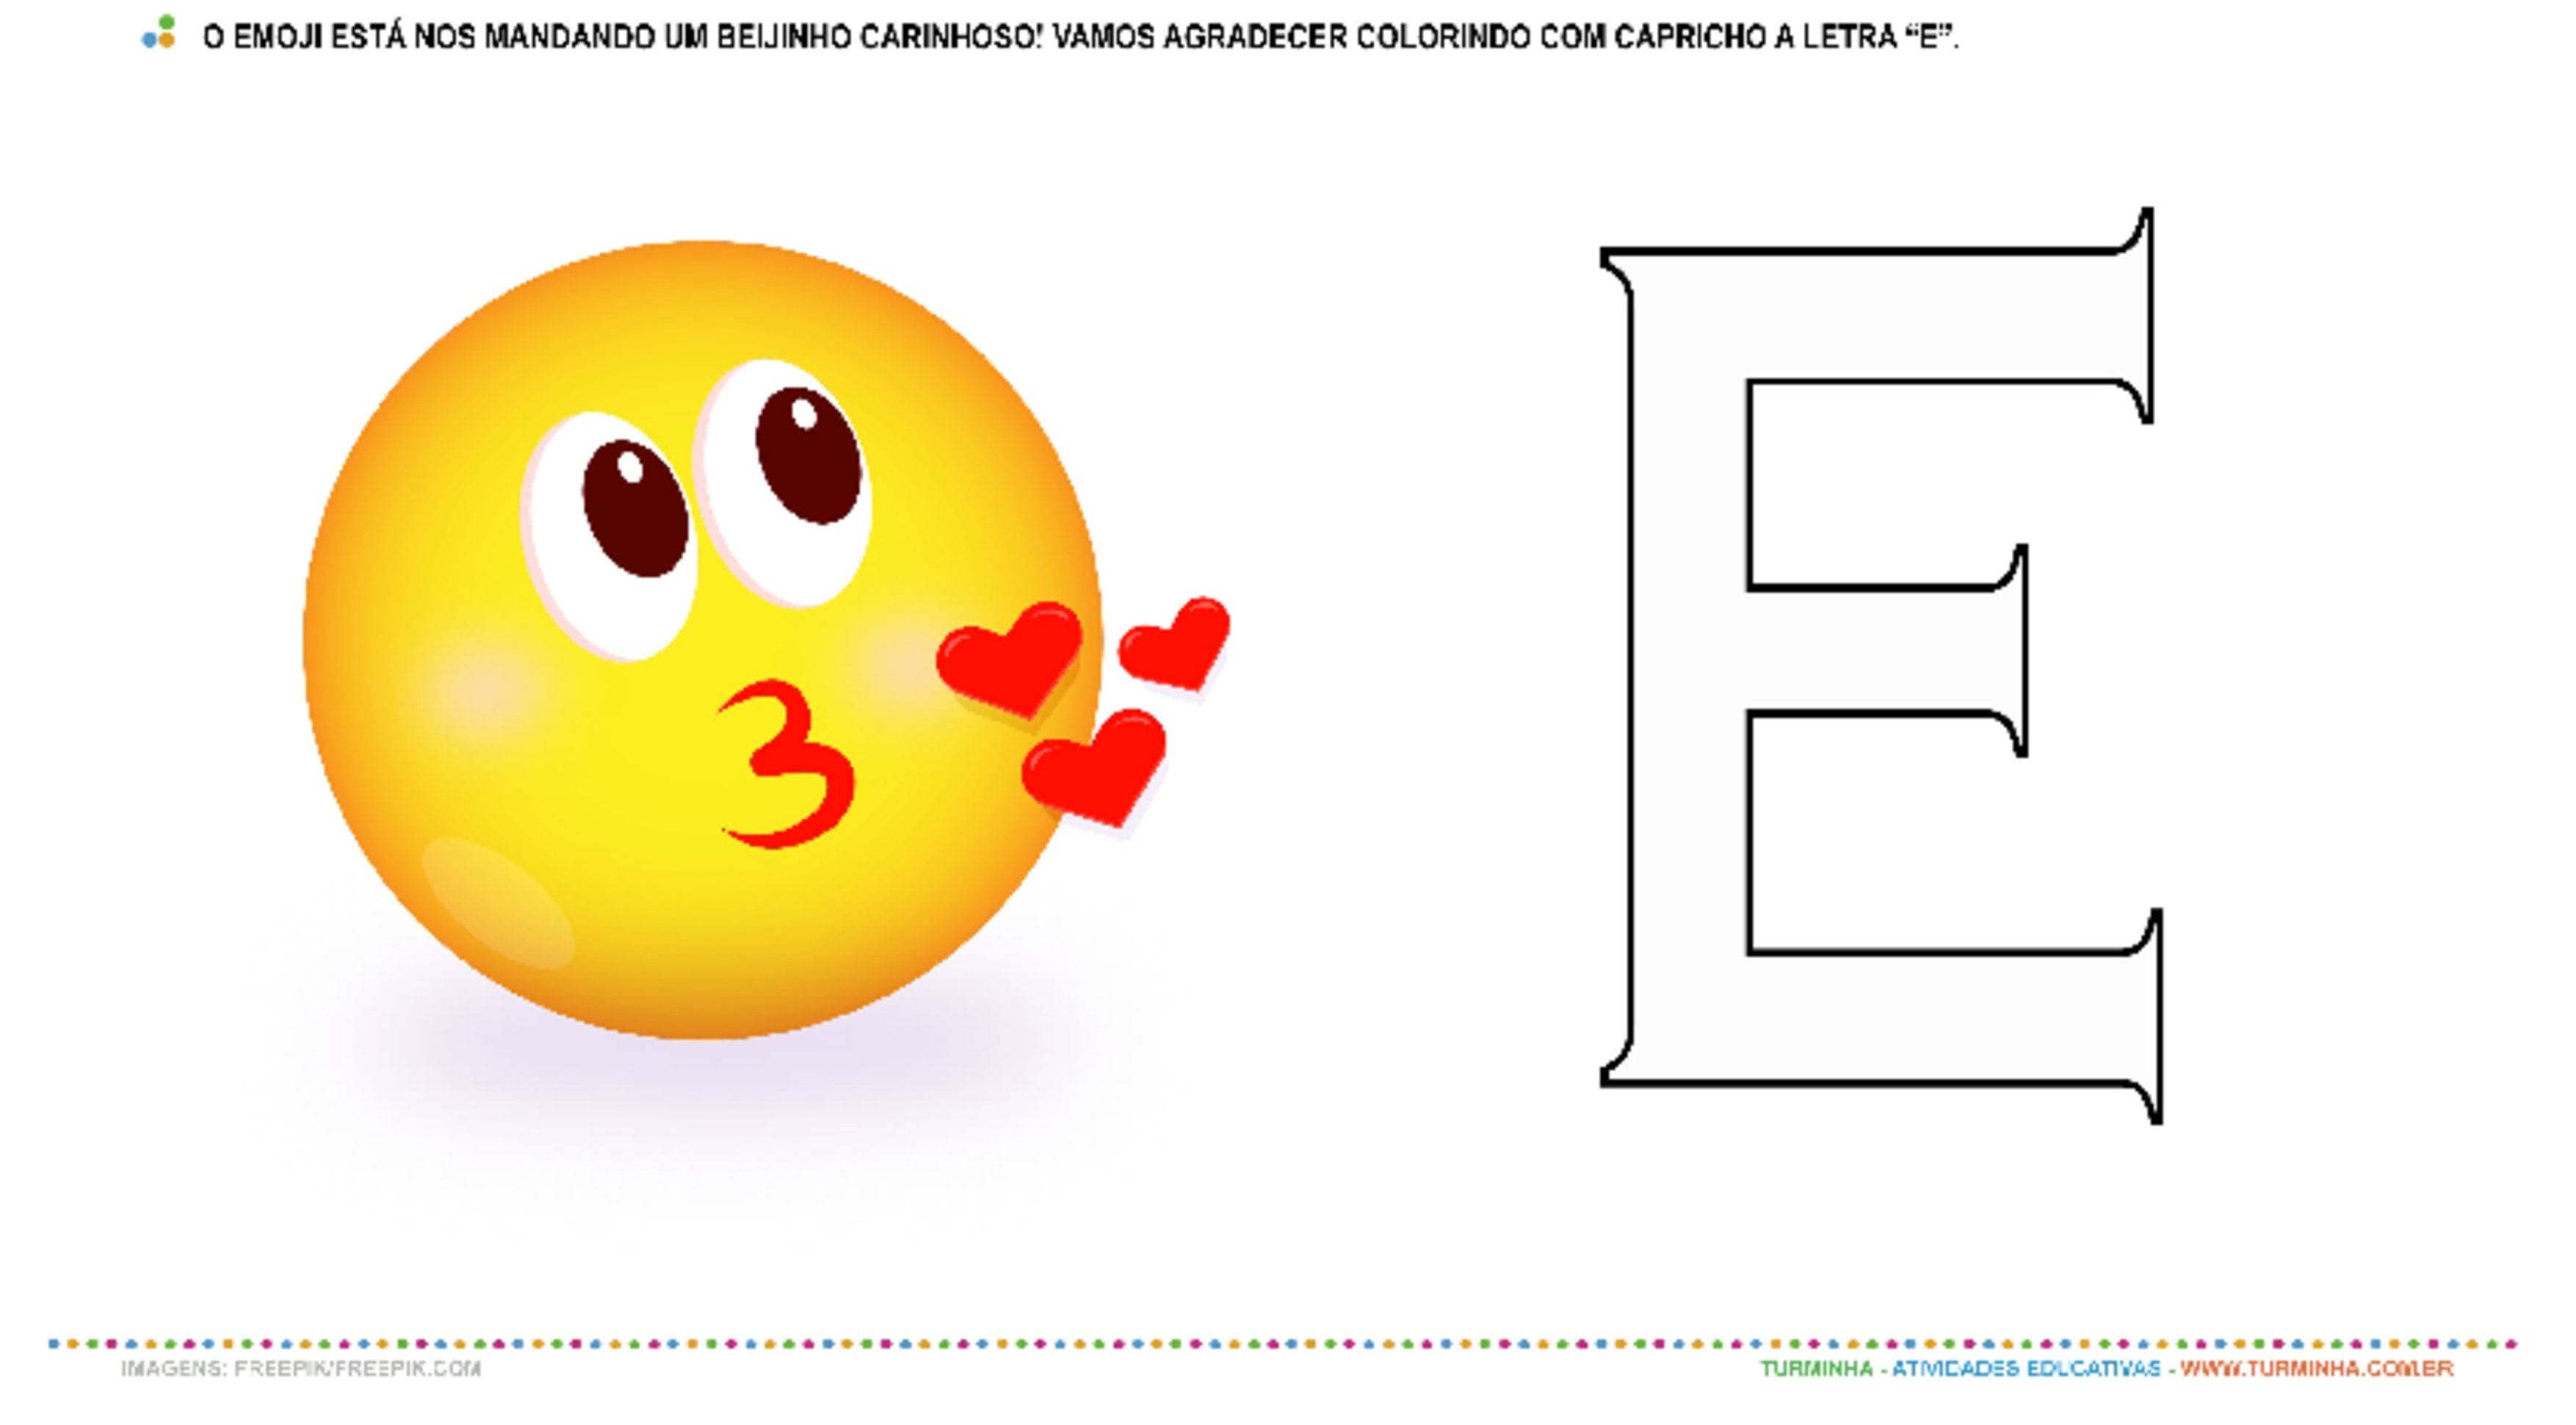 Emoji e a vogal E - atividade educativa para Creche (0 a 3 anos)